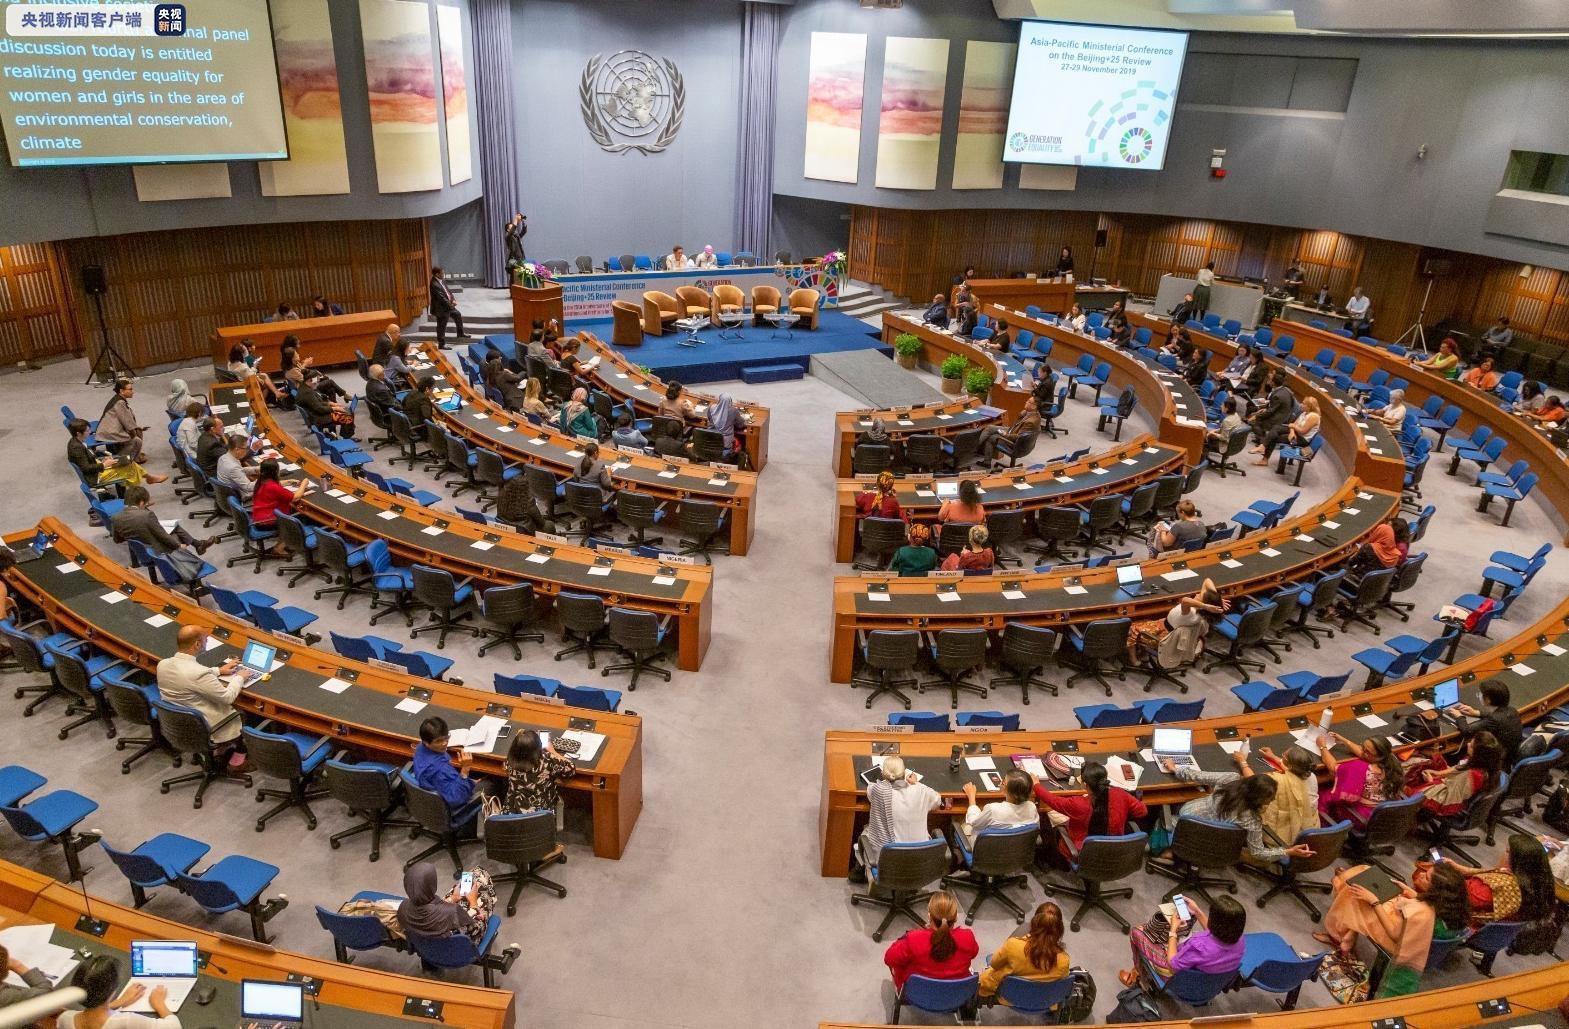 联合国亚太妇女权益审议会闭幕 37比1的票数通过了这项宣言